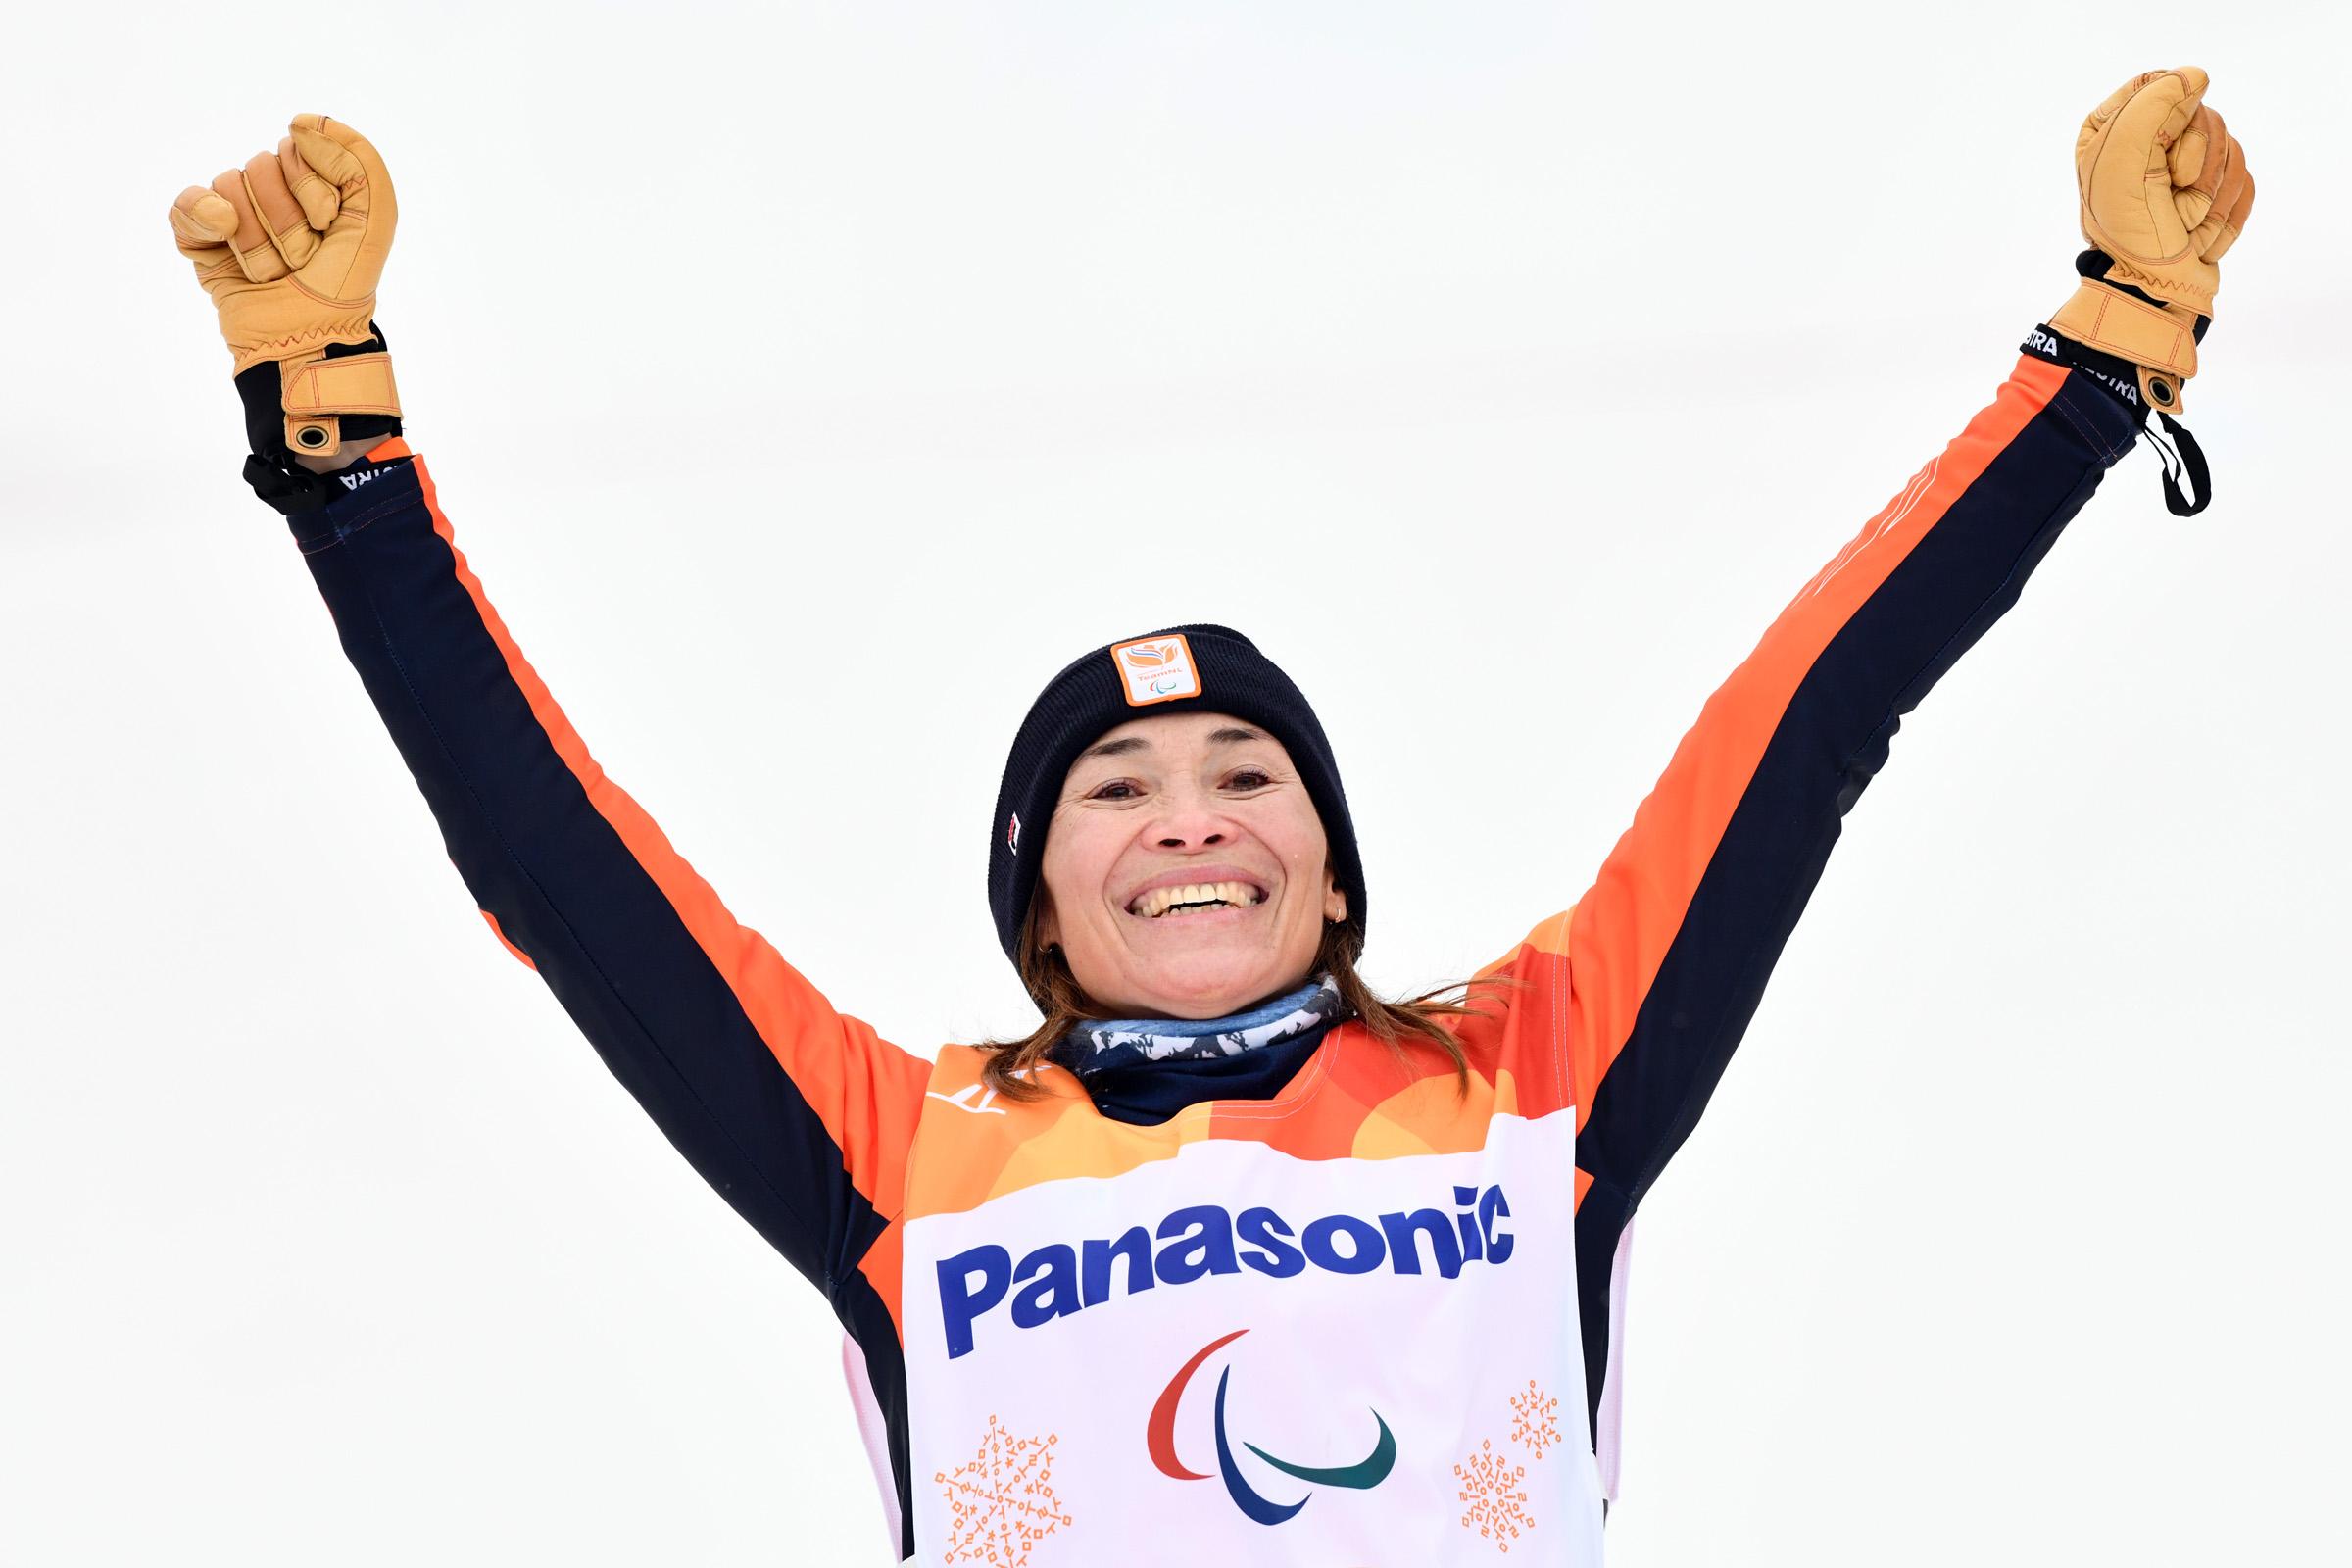 Snowboarden is een sport van vrouw tegen vrouw. En aan het einde wint Bibian Mentel